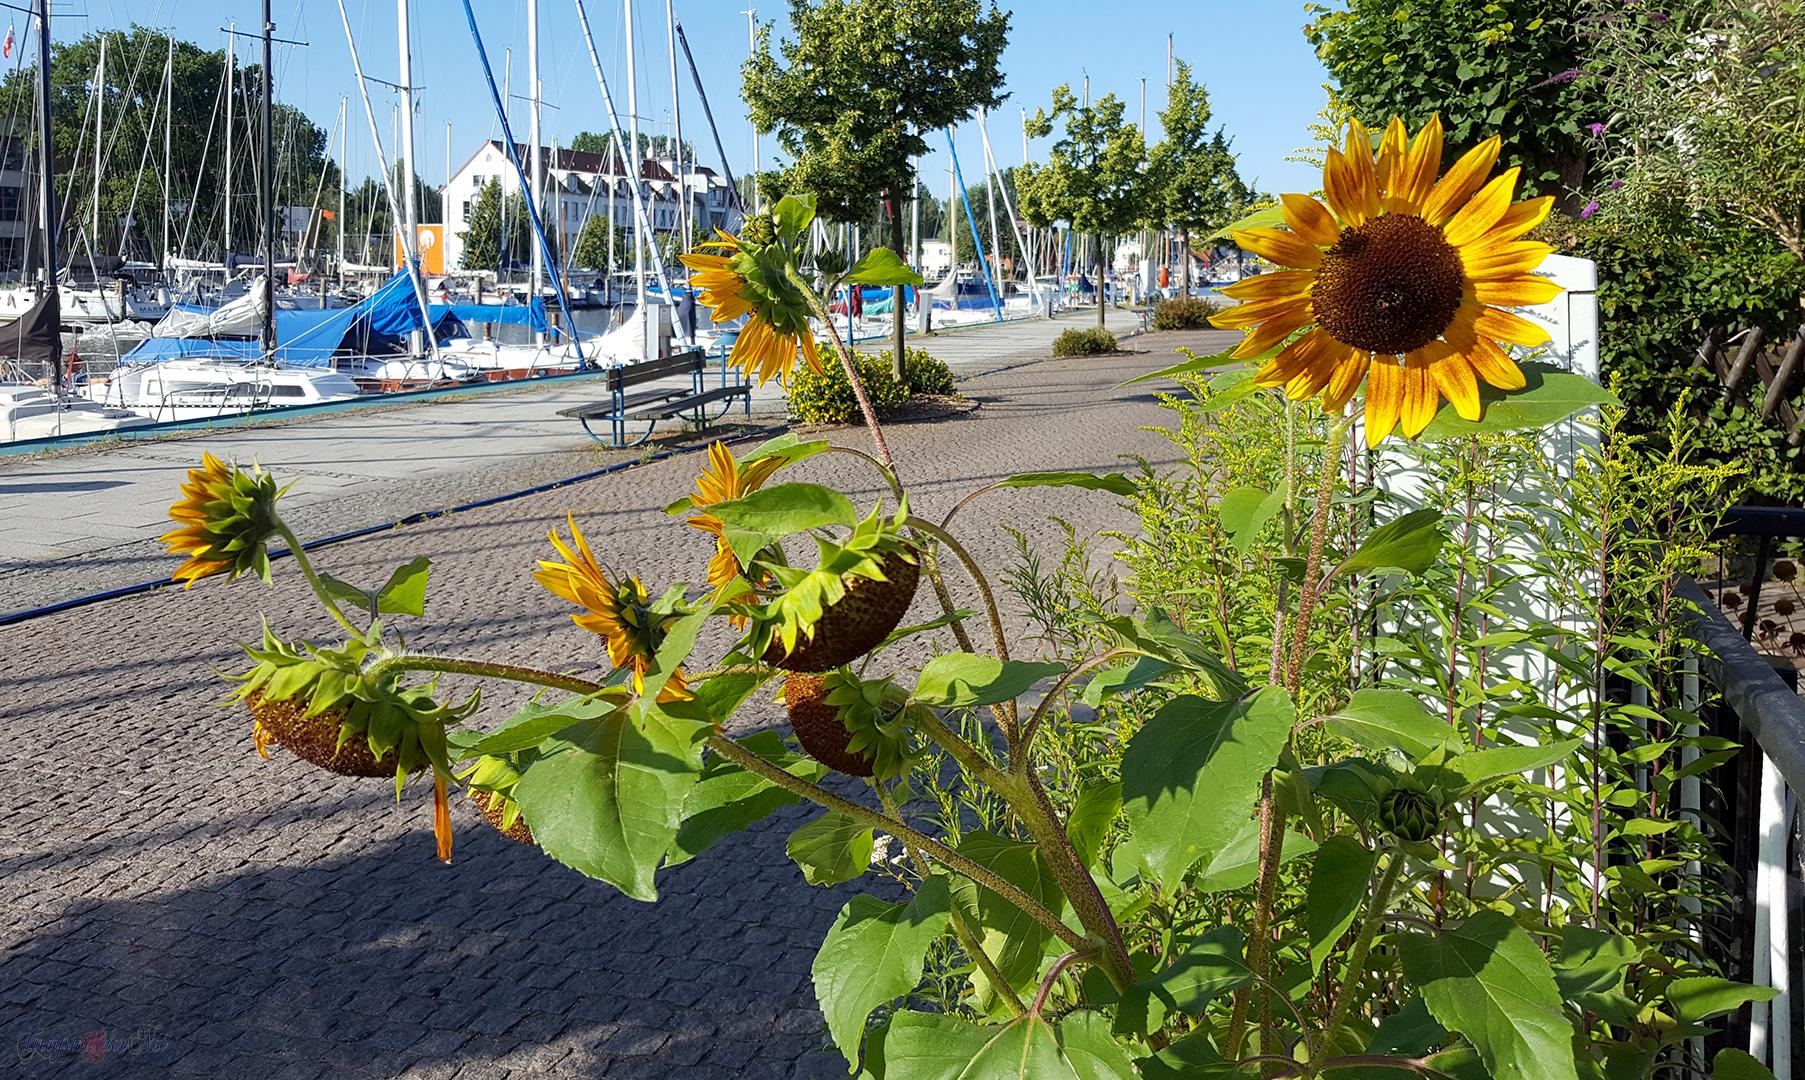 Sonnenblume in Greifswald-Wieck